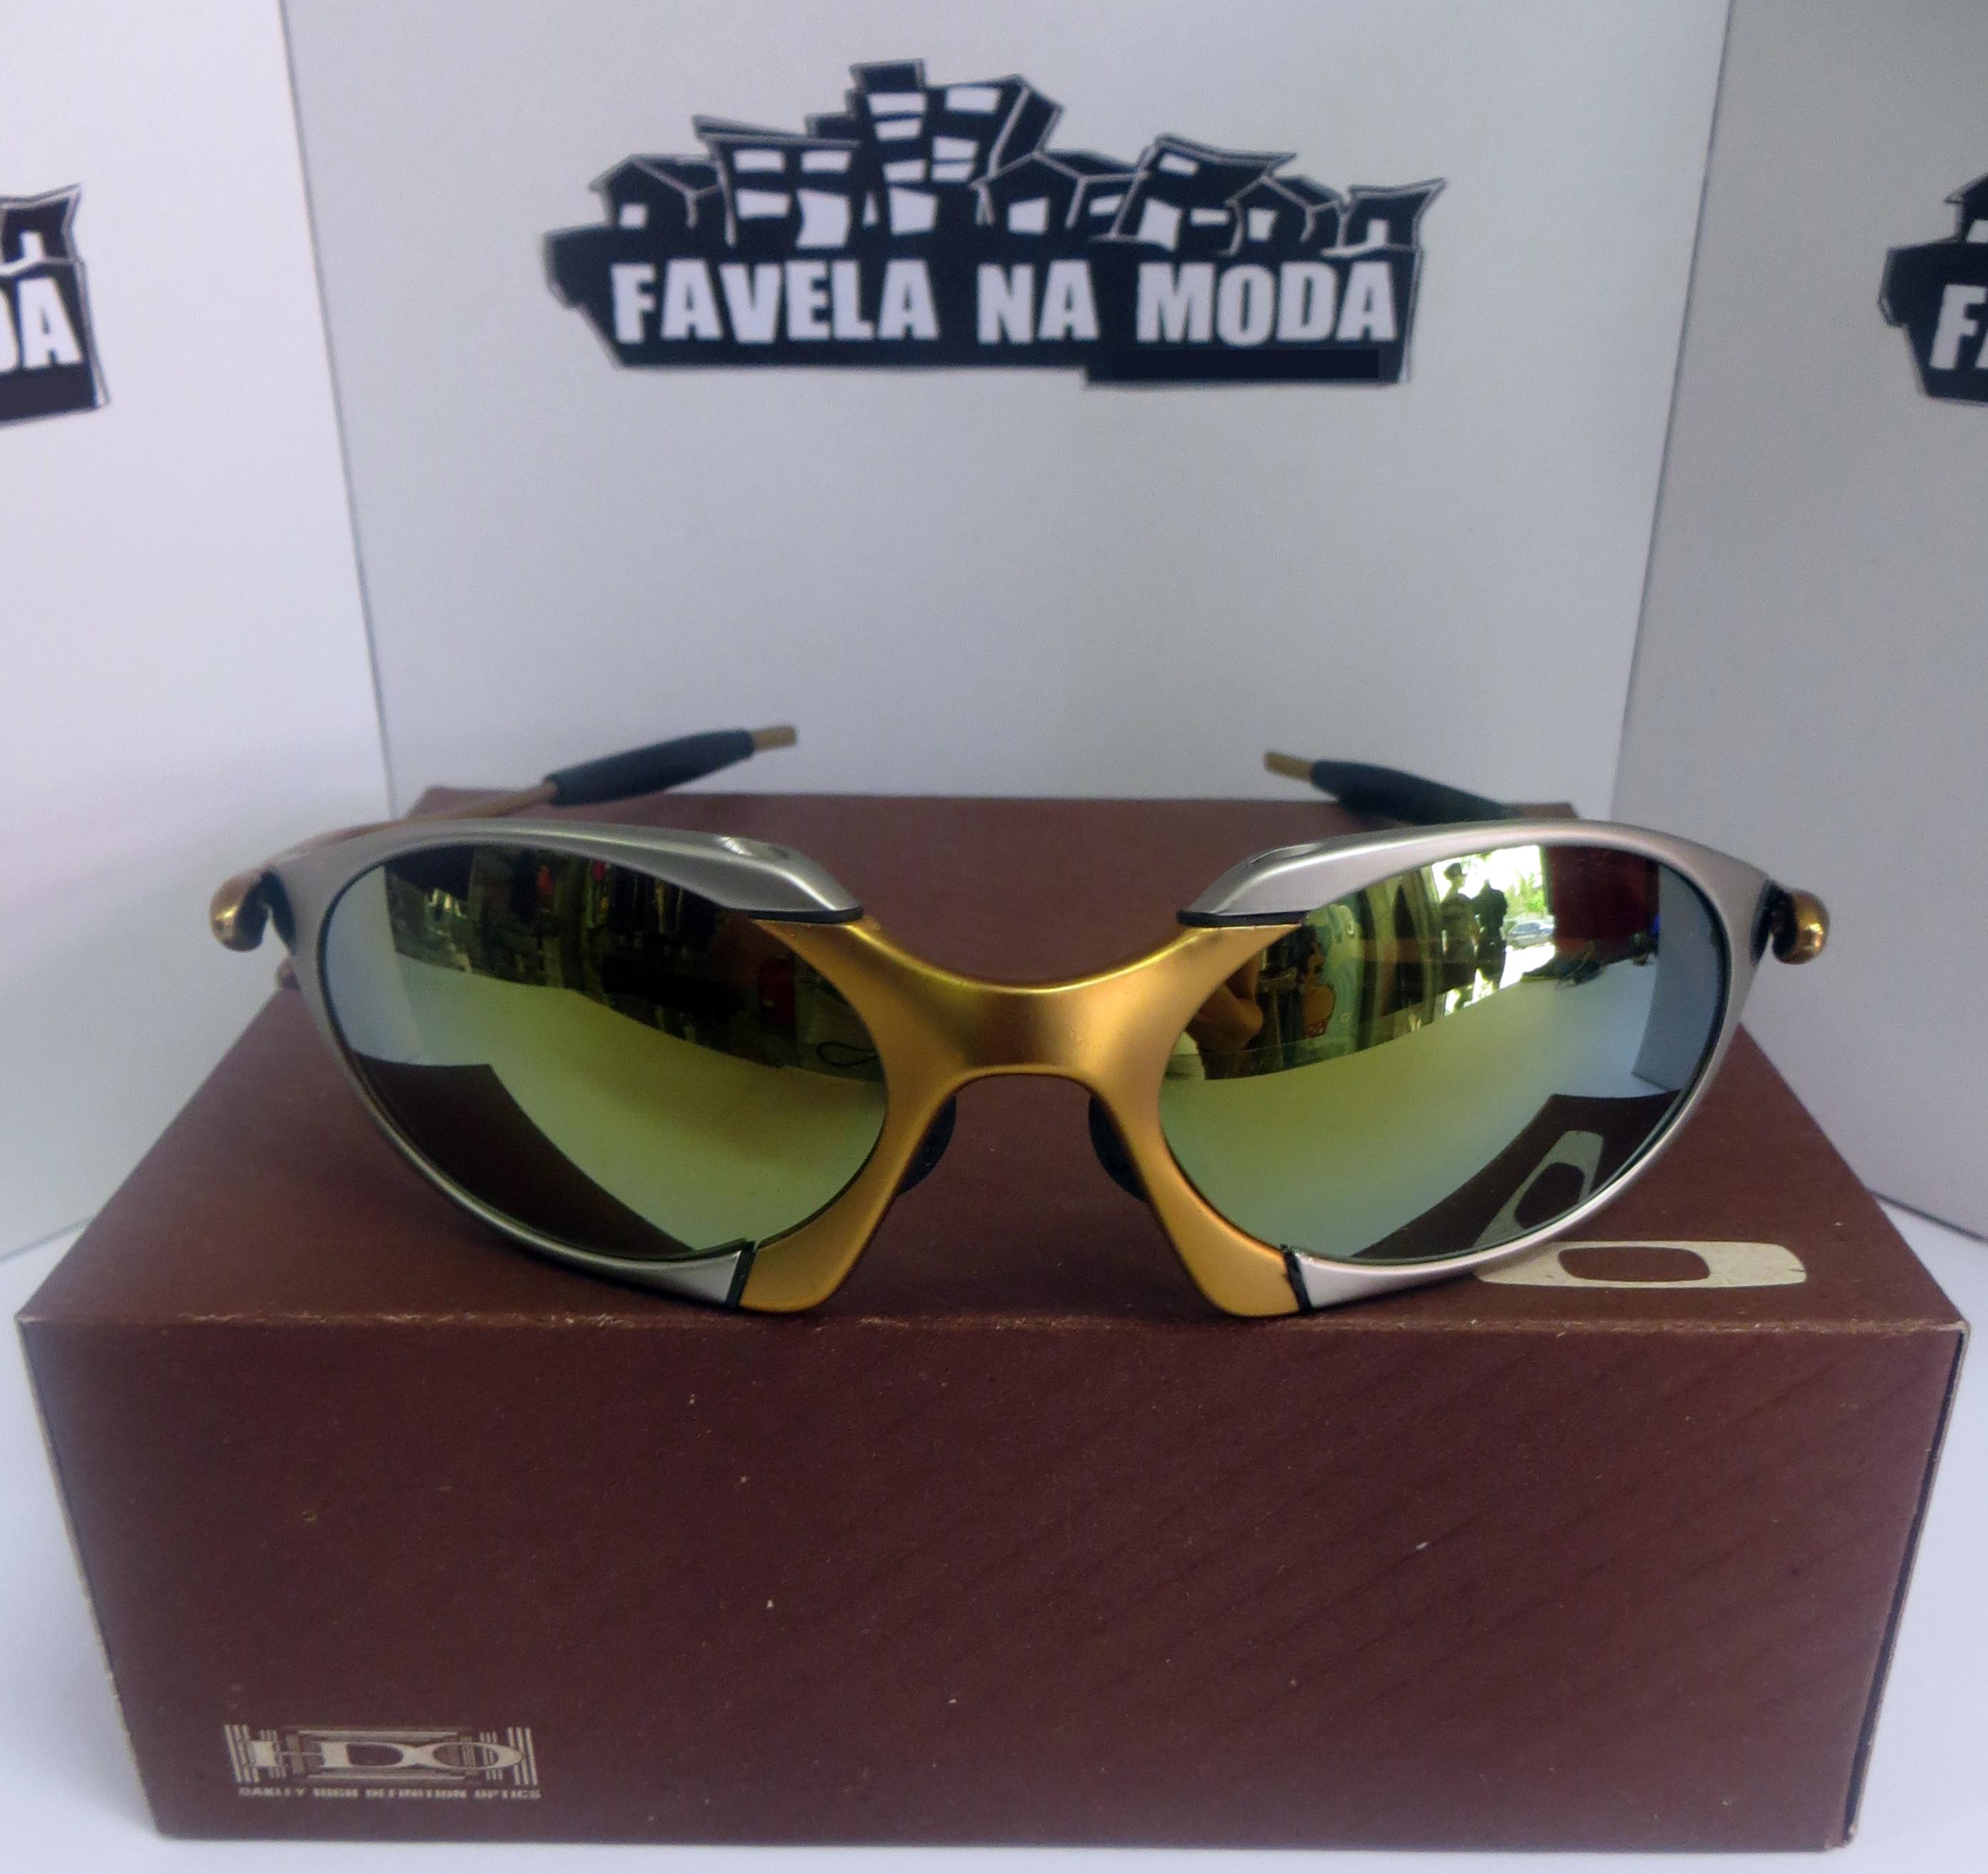 3fce14e9057e4 Oculos Oakley Pit Boss Ducati « Heritage Malta